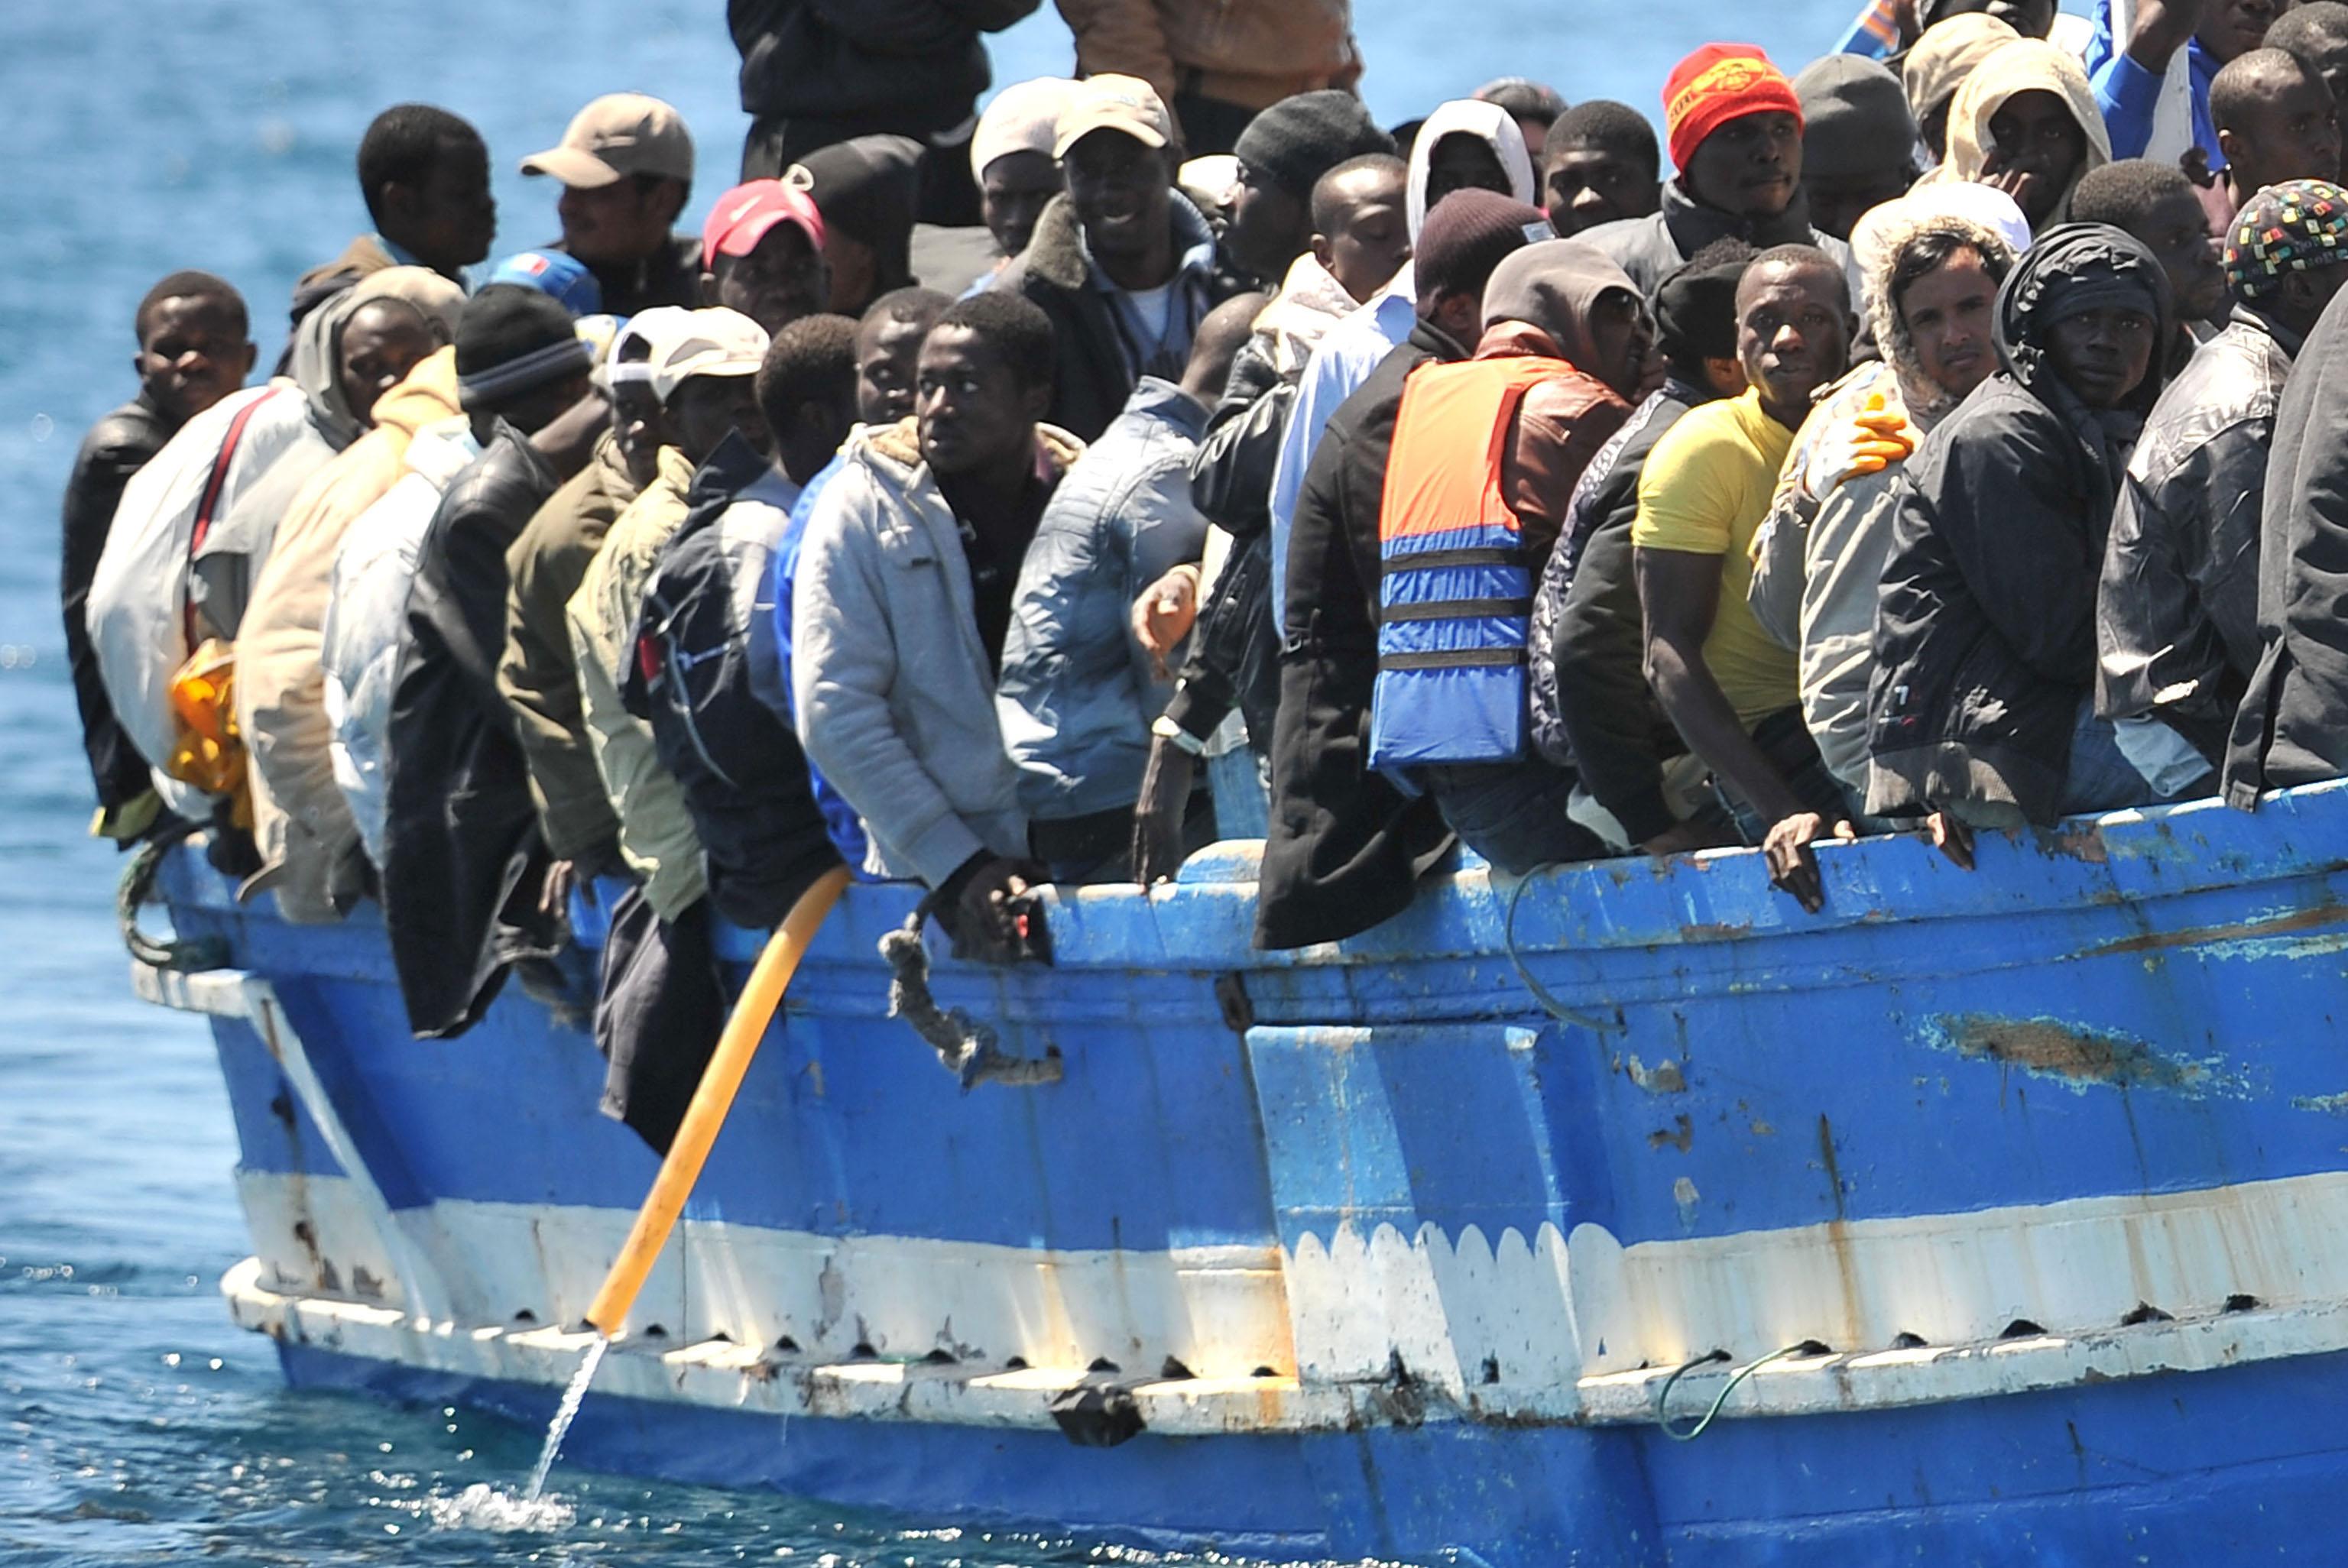 Tratta delle donne: salvate due minorenni giunte dalla Nigeria in Italia